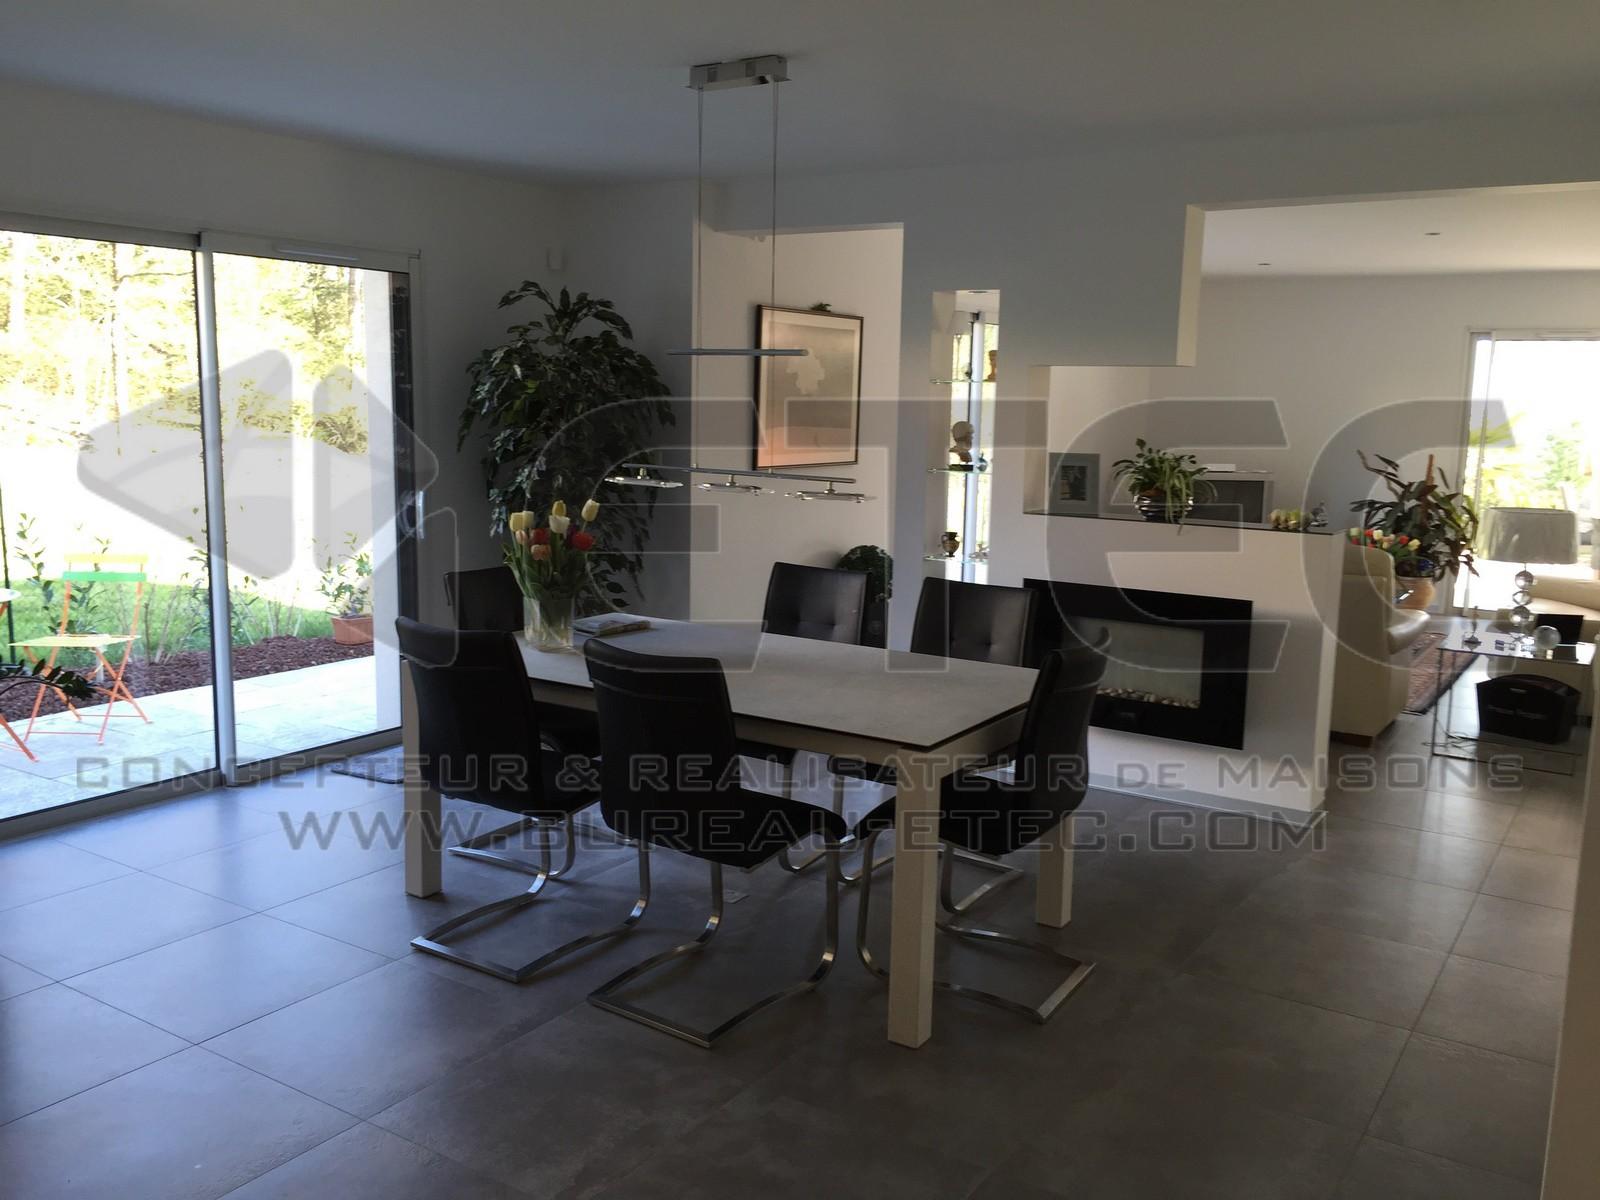 maison de style contemporain givry etec. Black Bedroom Furniture Sets. Home Design Ideas